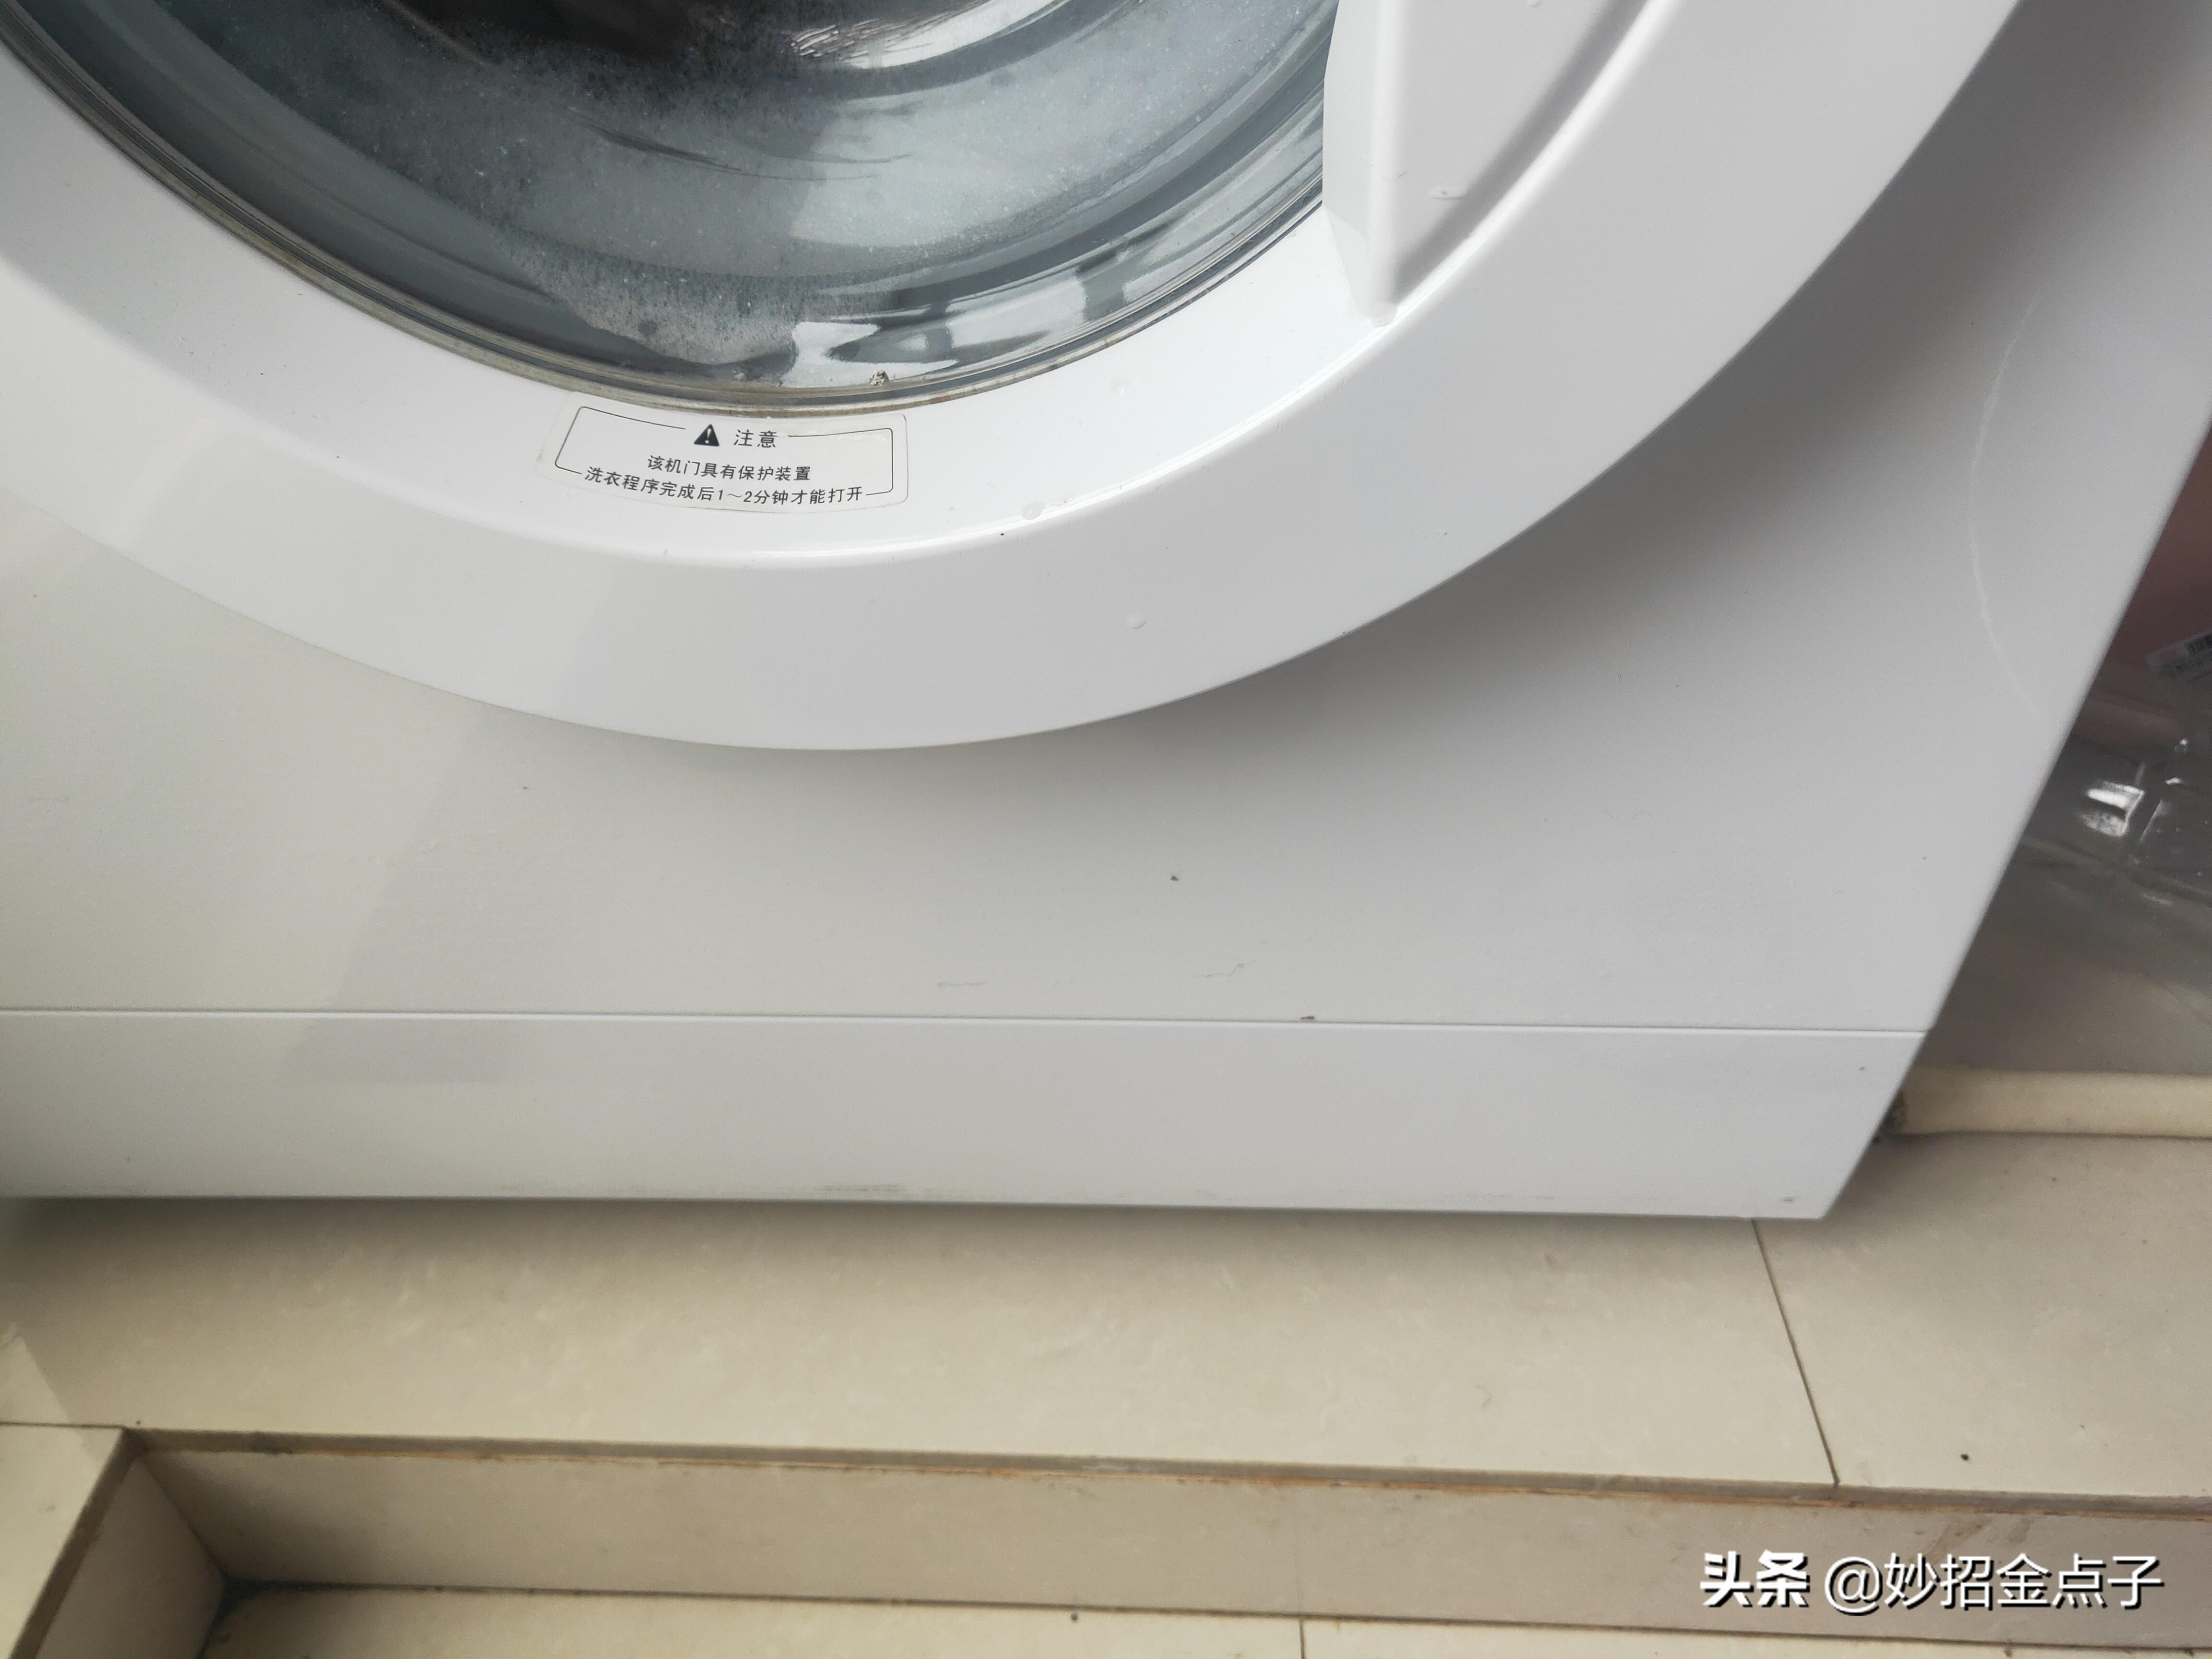 滚筒洗衣机脏了别急只需拆下它,简单轻松快捷5分钟搞定,厉害了 家务卫生 第7张